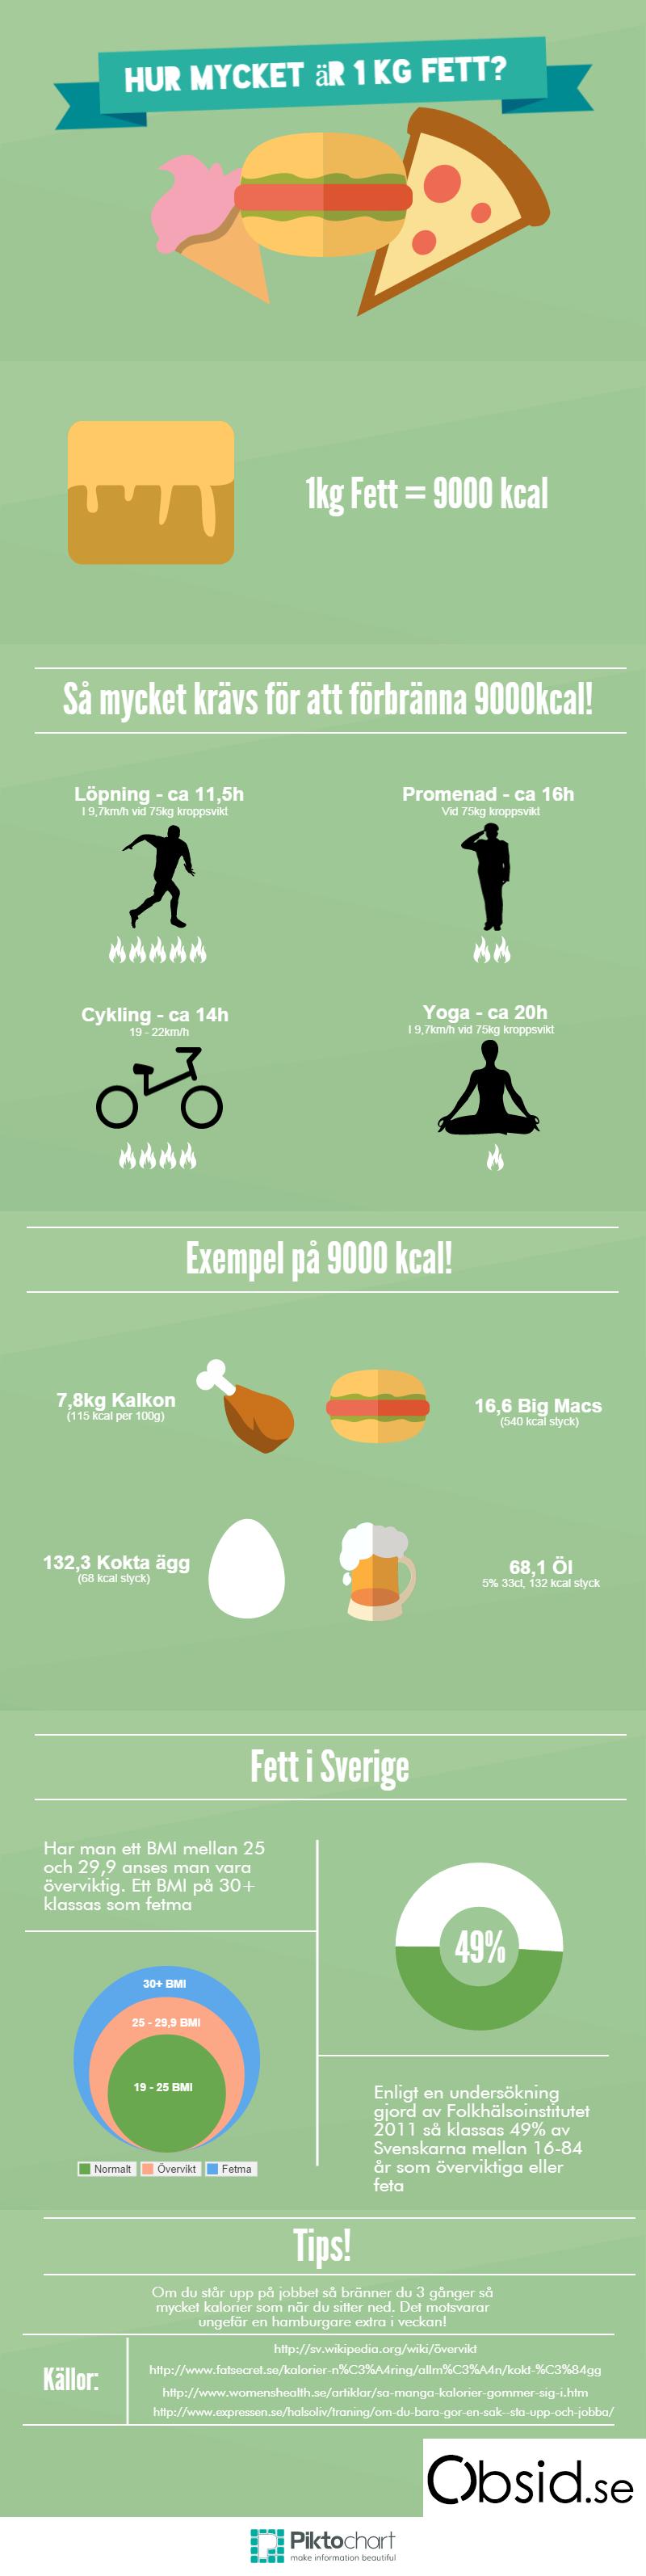 1 kg i kalorier